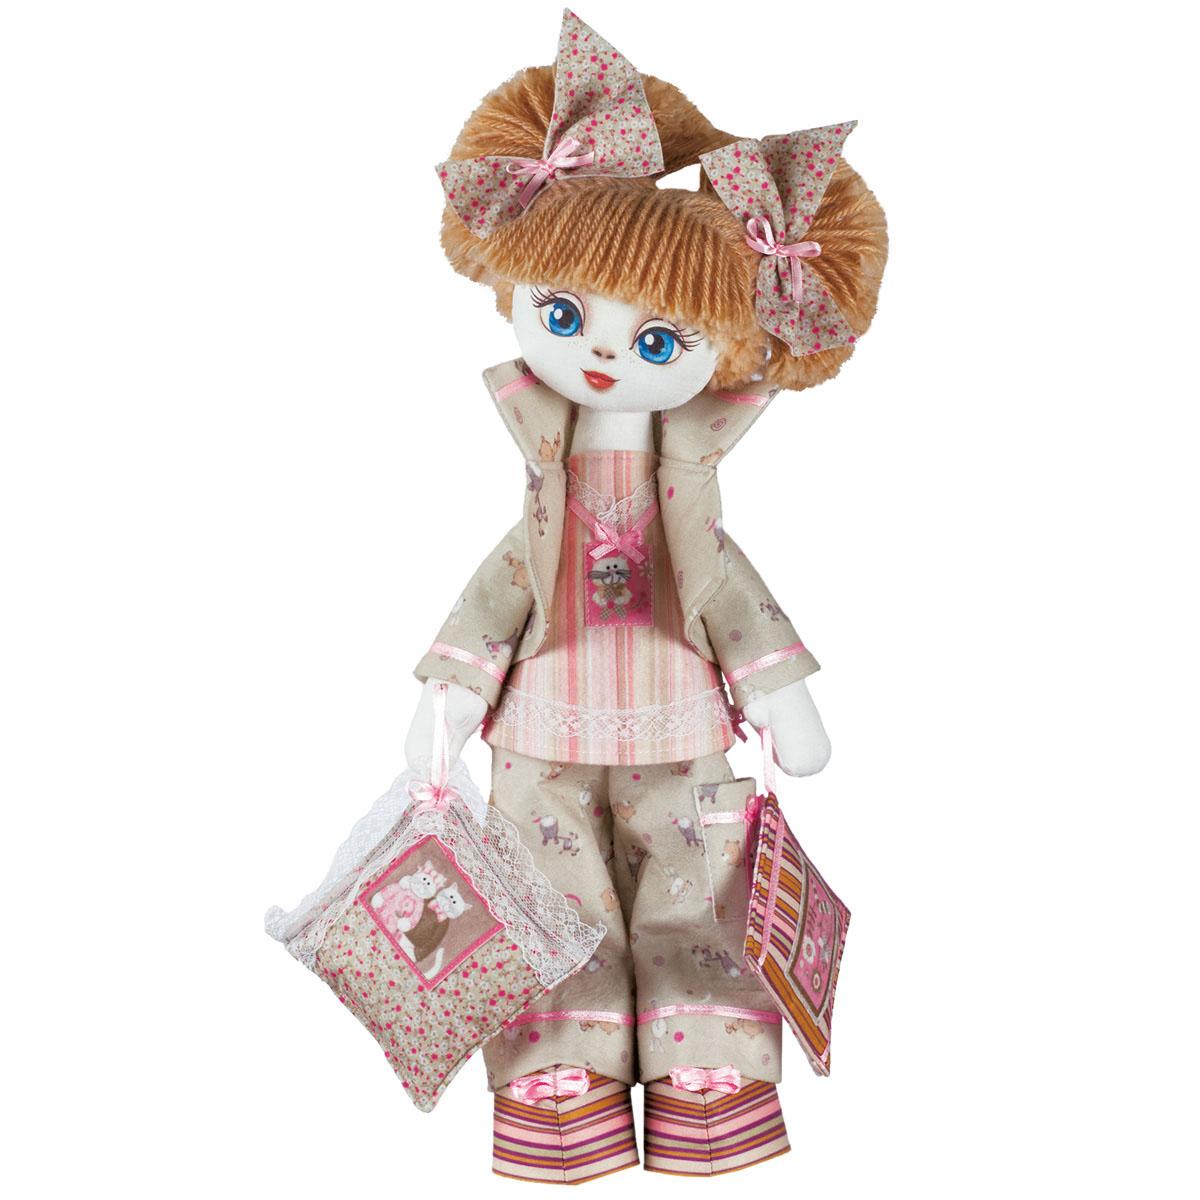 К1009 Набор для создания каркасной текстильной куклы 'Соня' 45см